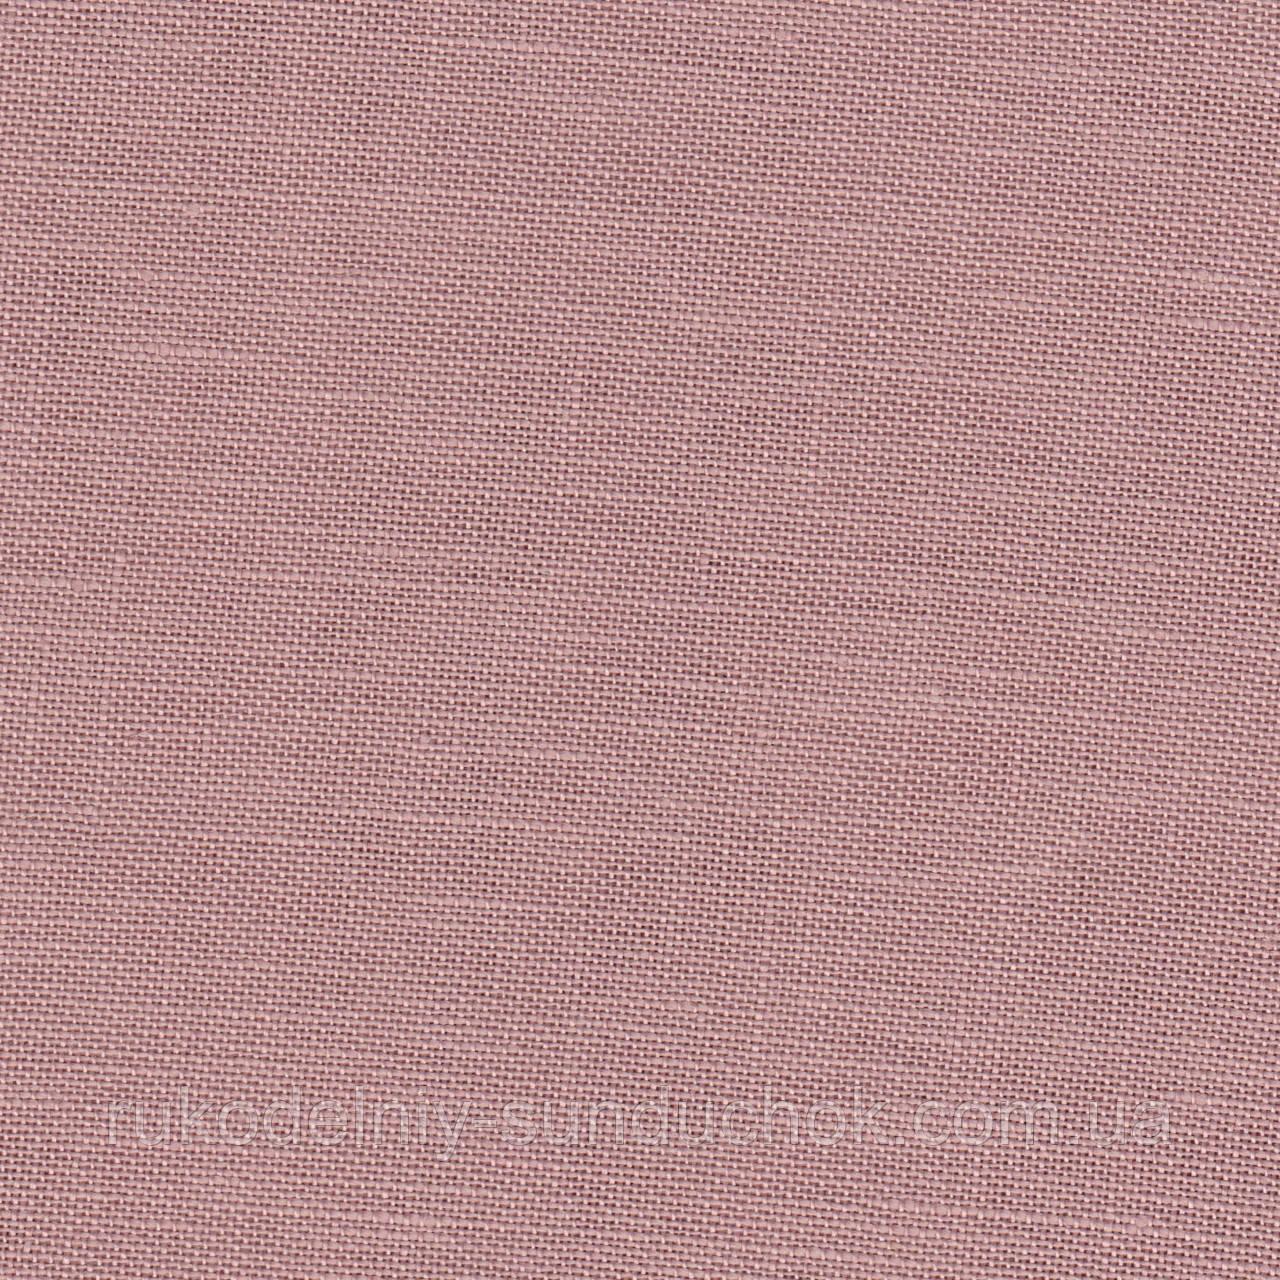 Ткань равномерного переплетения Zweigart Belfast 32 ct. 3609/4053 Antique rose (античная роза)